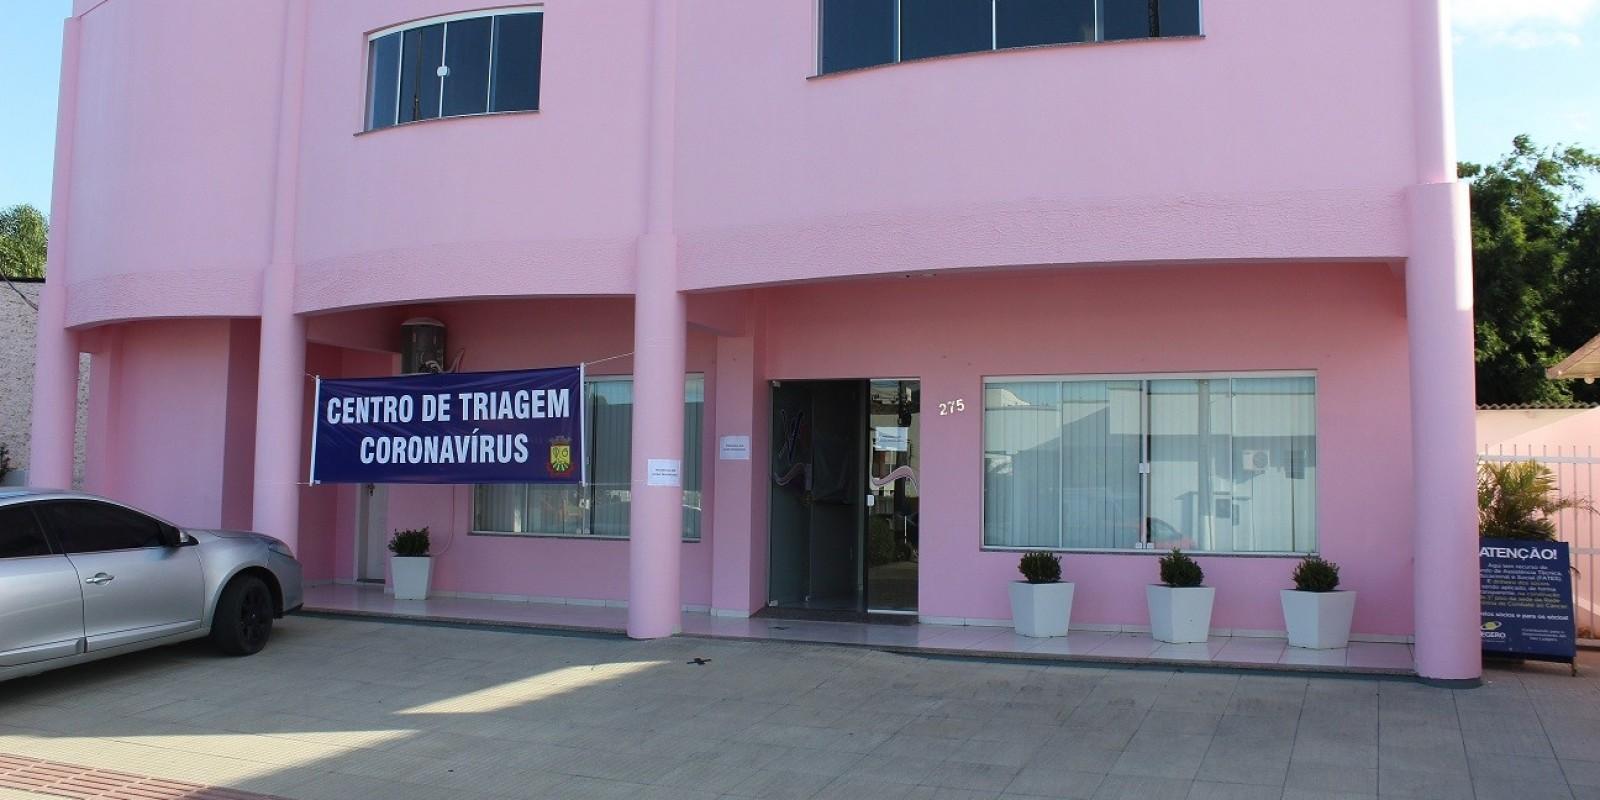 Centro de Triagem Coronavírus de São Ludgero já fez mais de 90 atendimentos